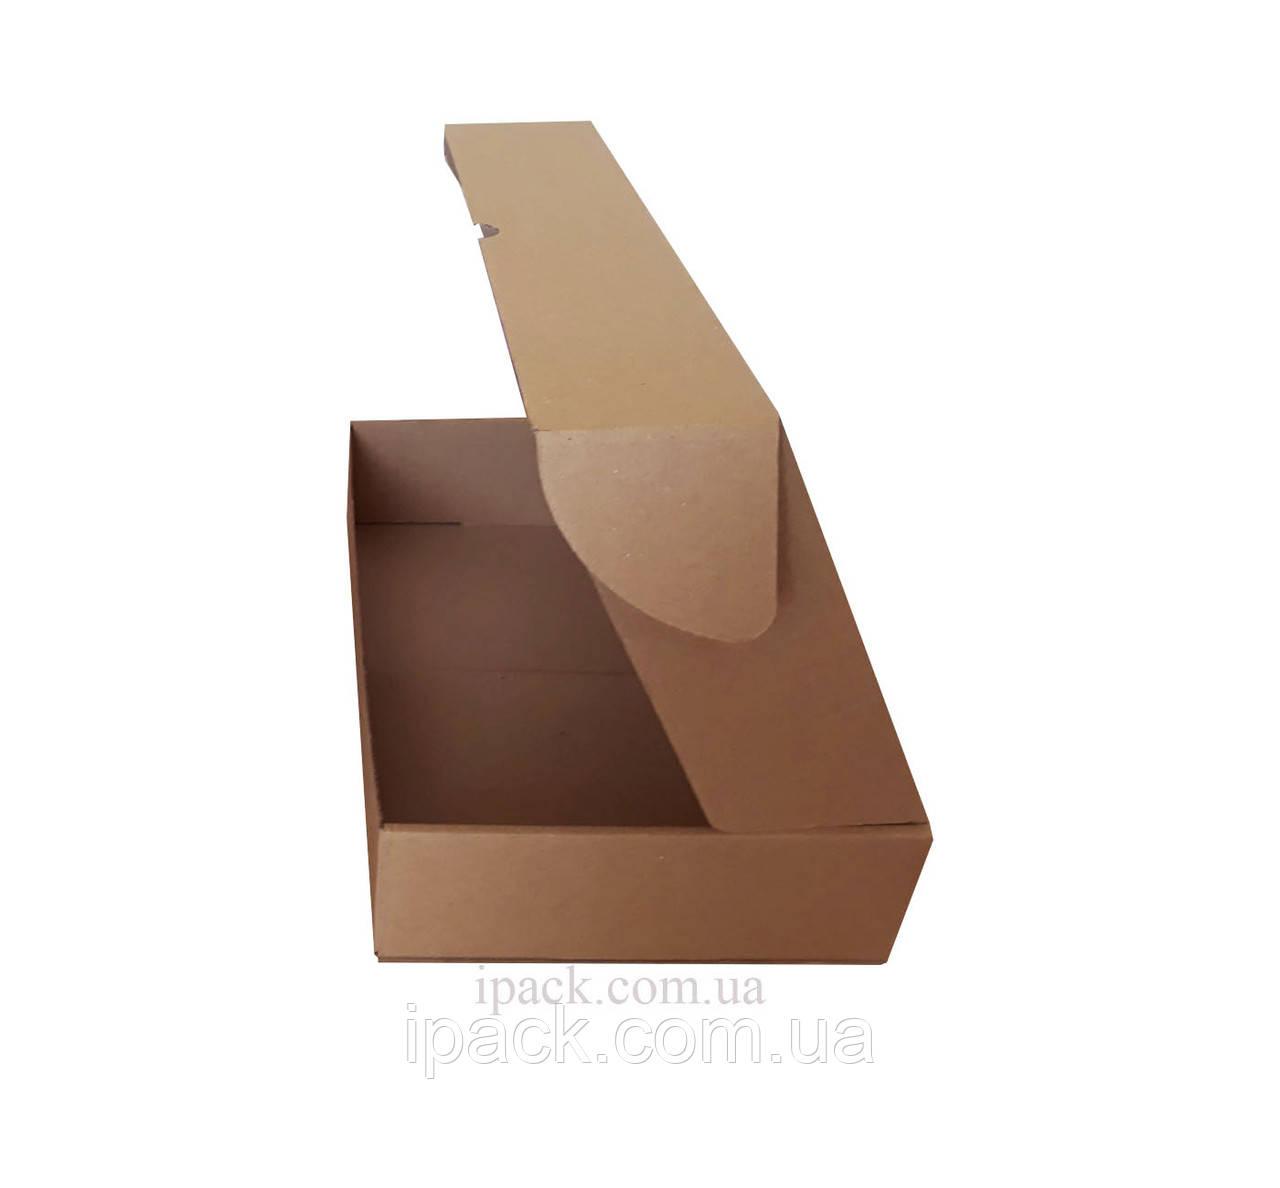 Коробка картонная самосборная, 675*200*100, мм, бурая, крафт, гофрокартон